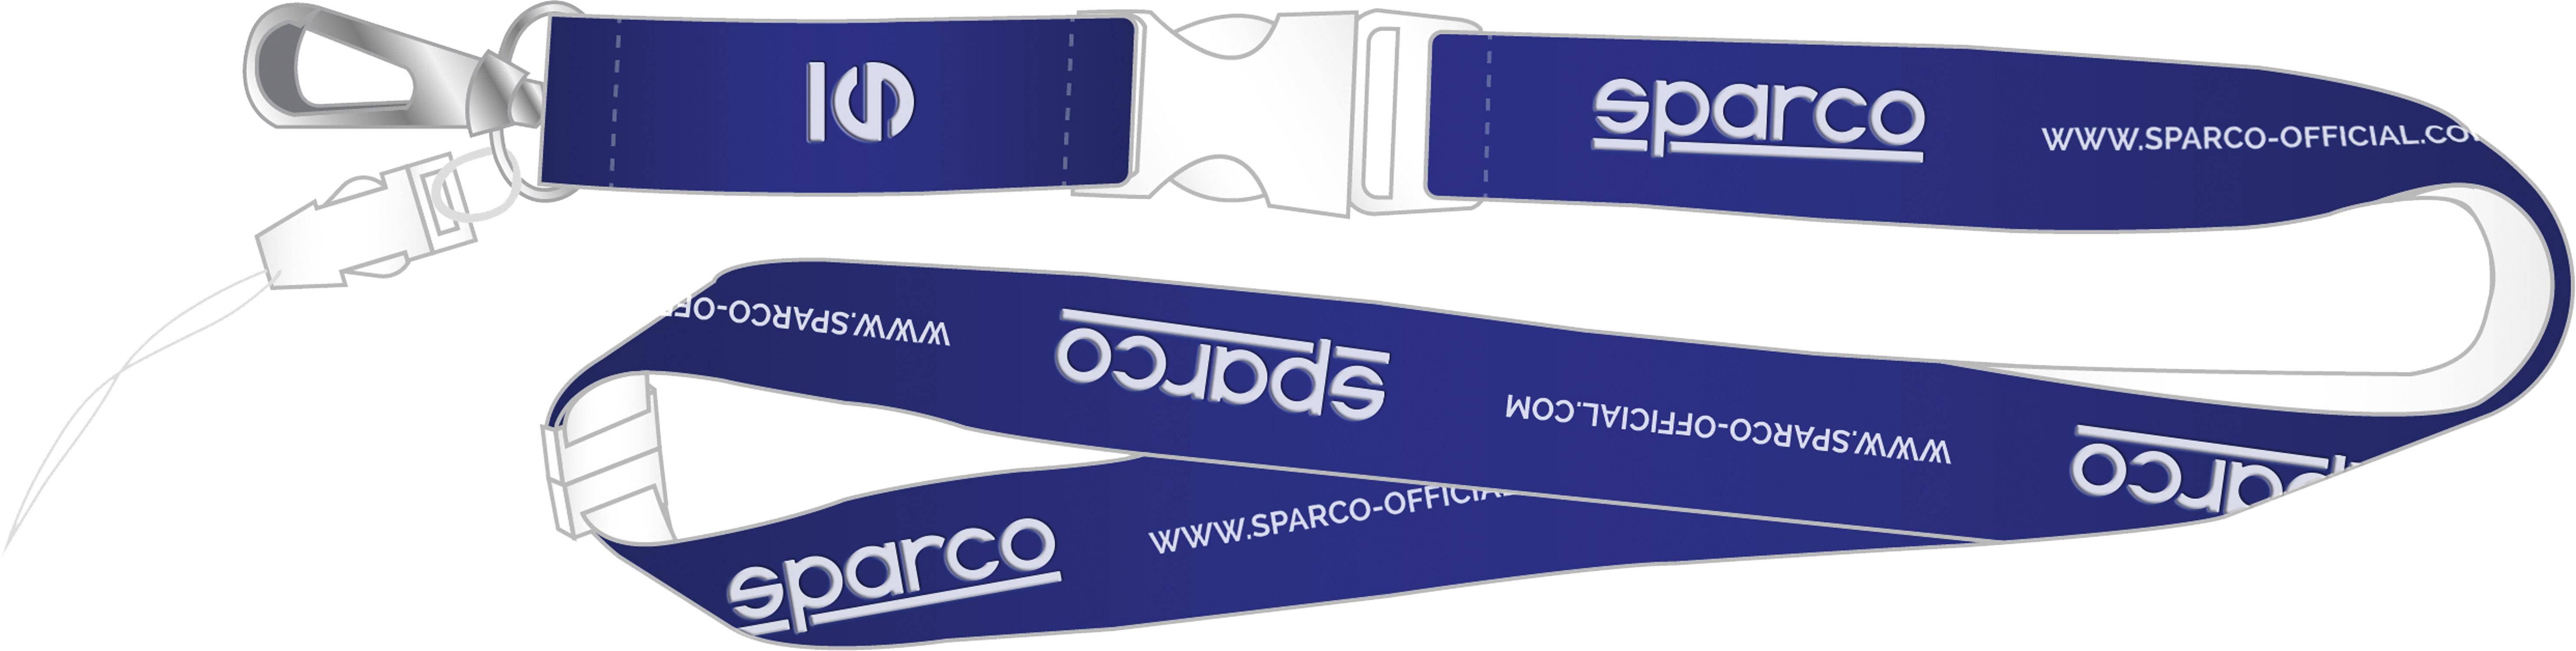 Sparco Badgeholder, blau